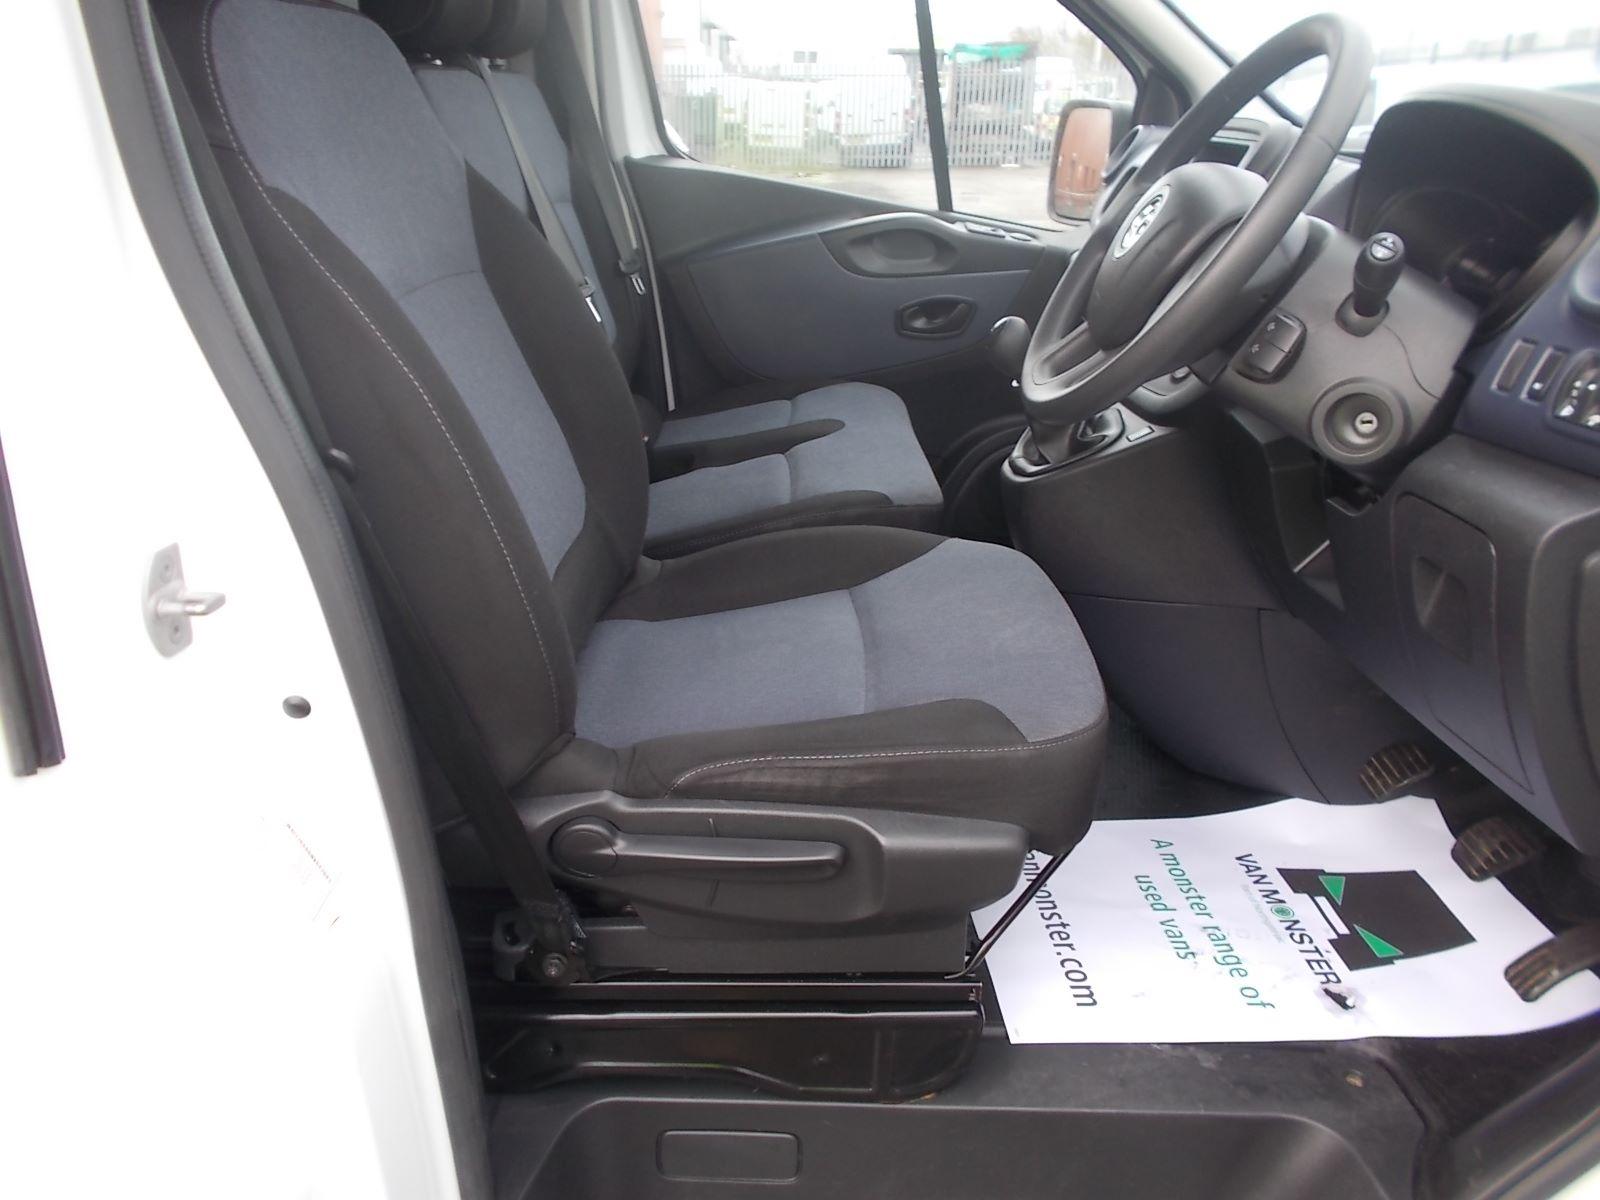 2017 Vauxhall Vivaro L2 H1 2900 1.6CDTI 120PS EURO 6 (DV17FNH) Image 14